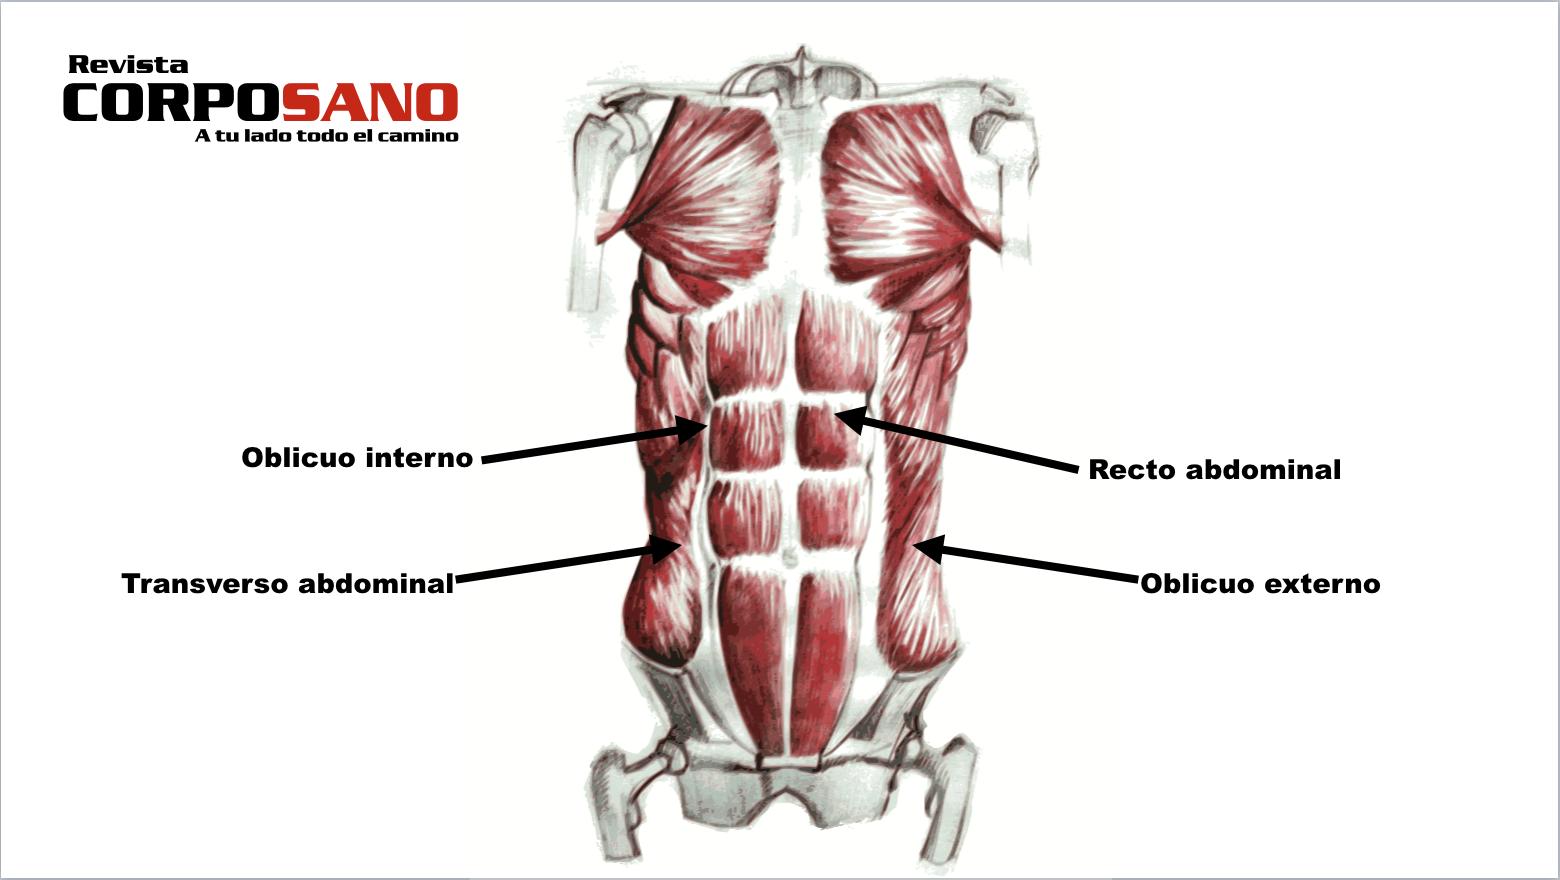 Tipos de músculos abdominales y cómo ejercitarlos - Revista CorpoSano